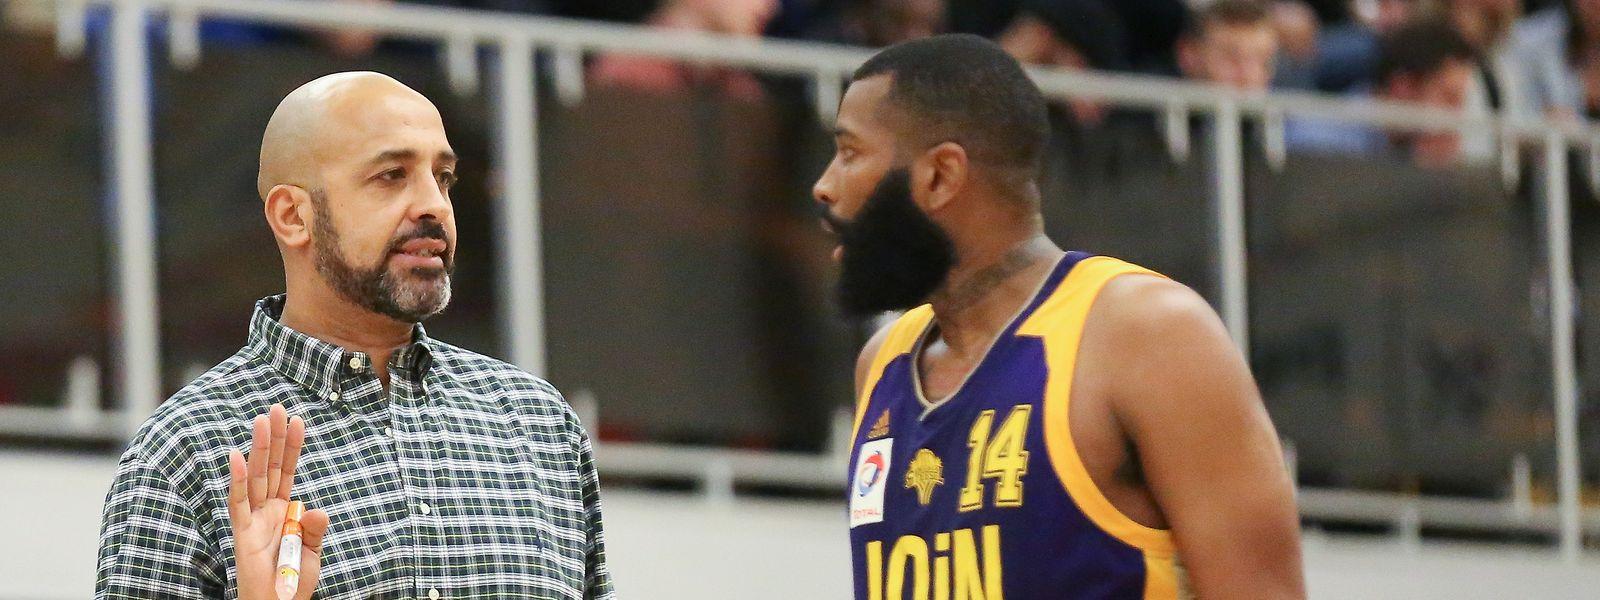 Trainer Alexandre Pires und Amicale waren mit Lamar Roberson unzufrieden.